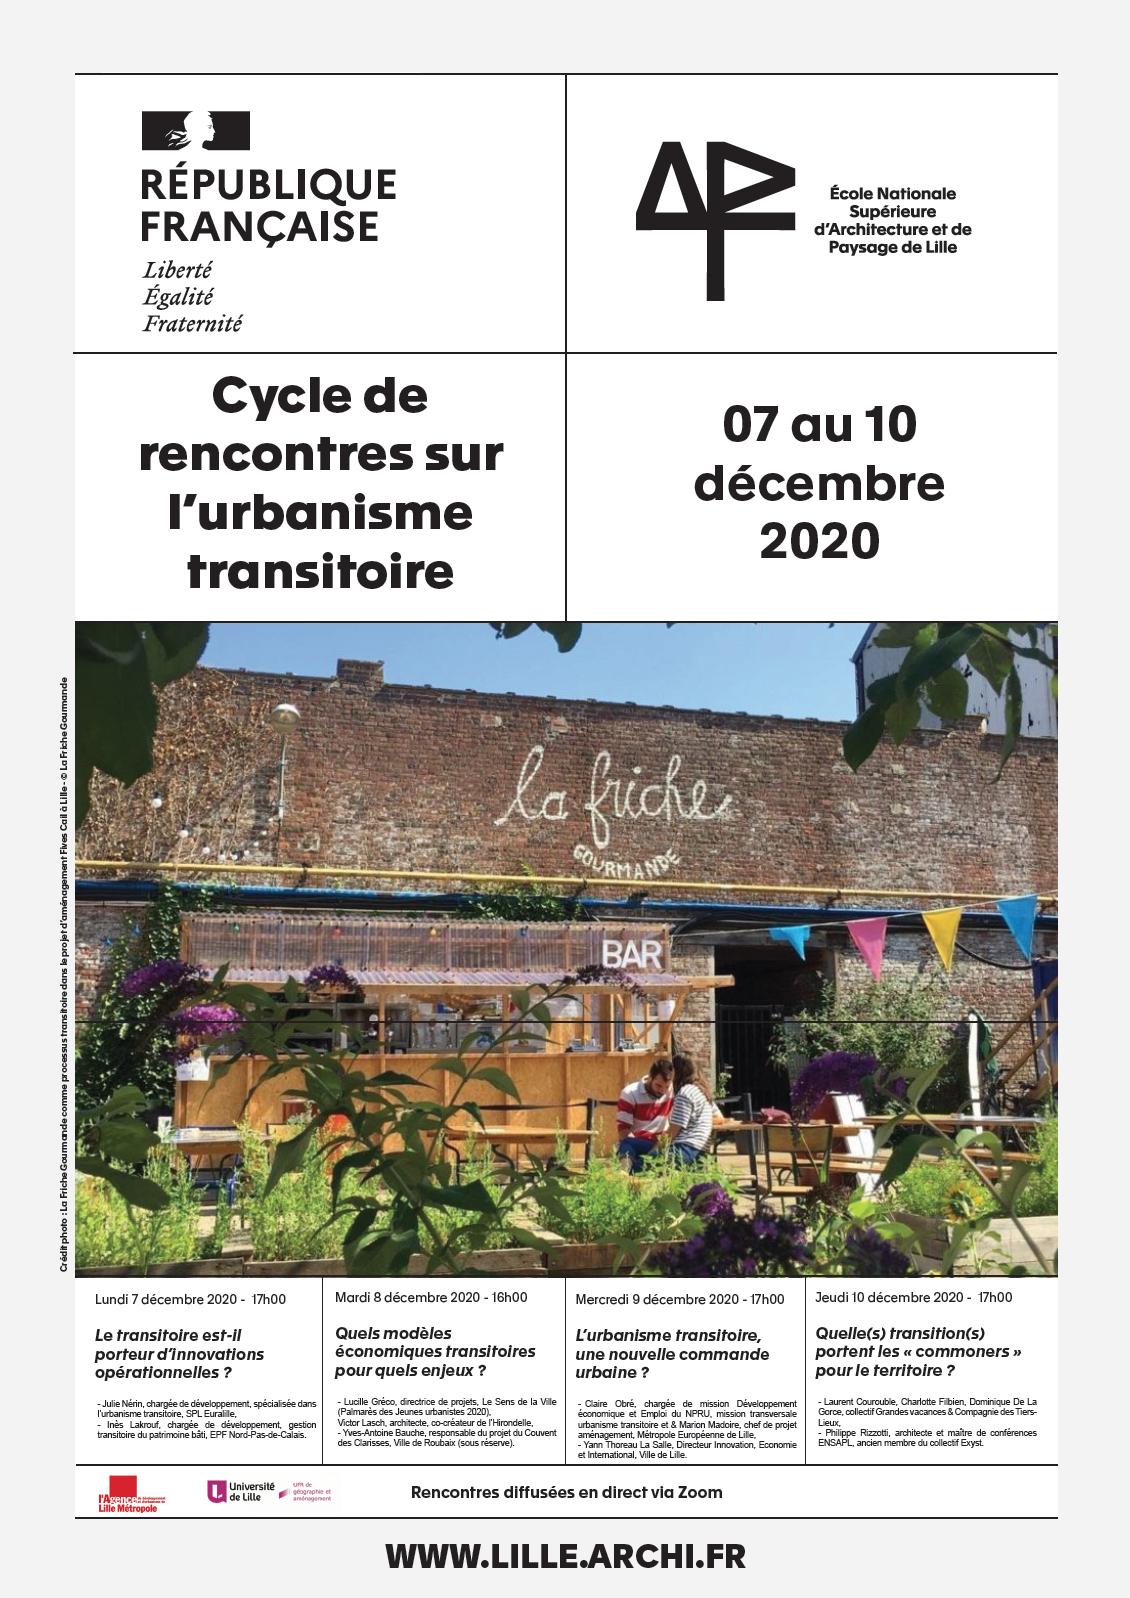 Cycle de rencontres sur l'urbanisme transitoire